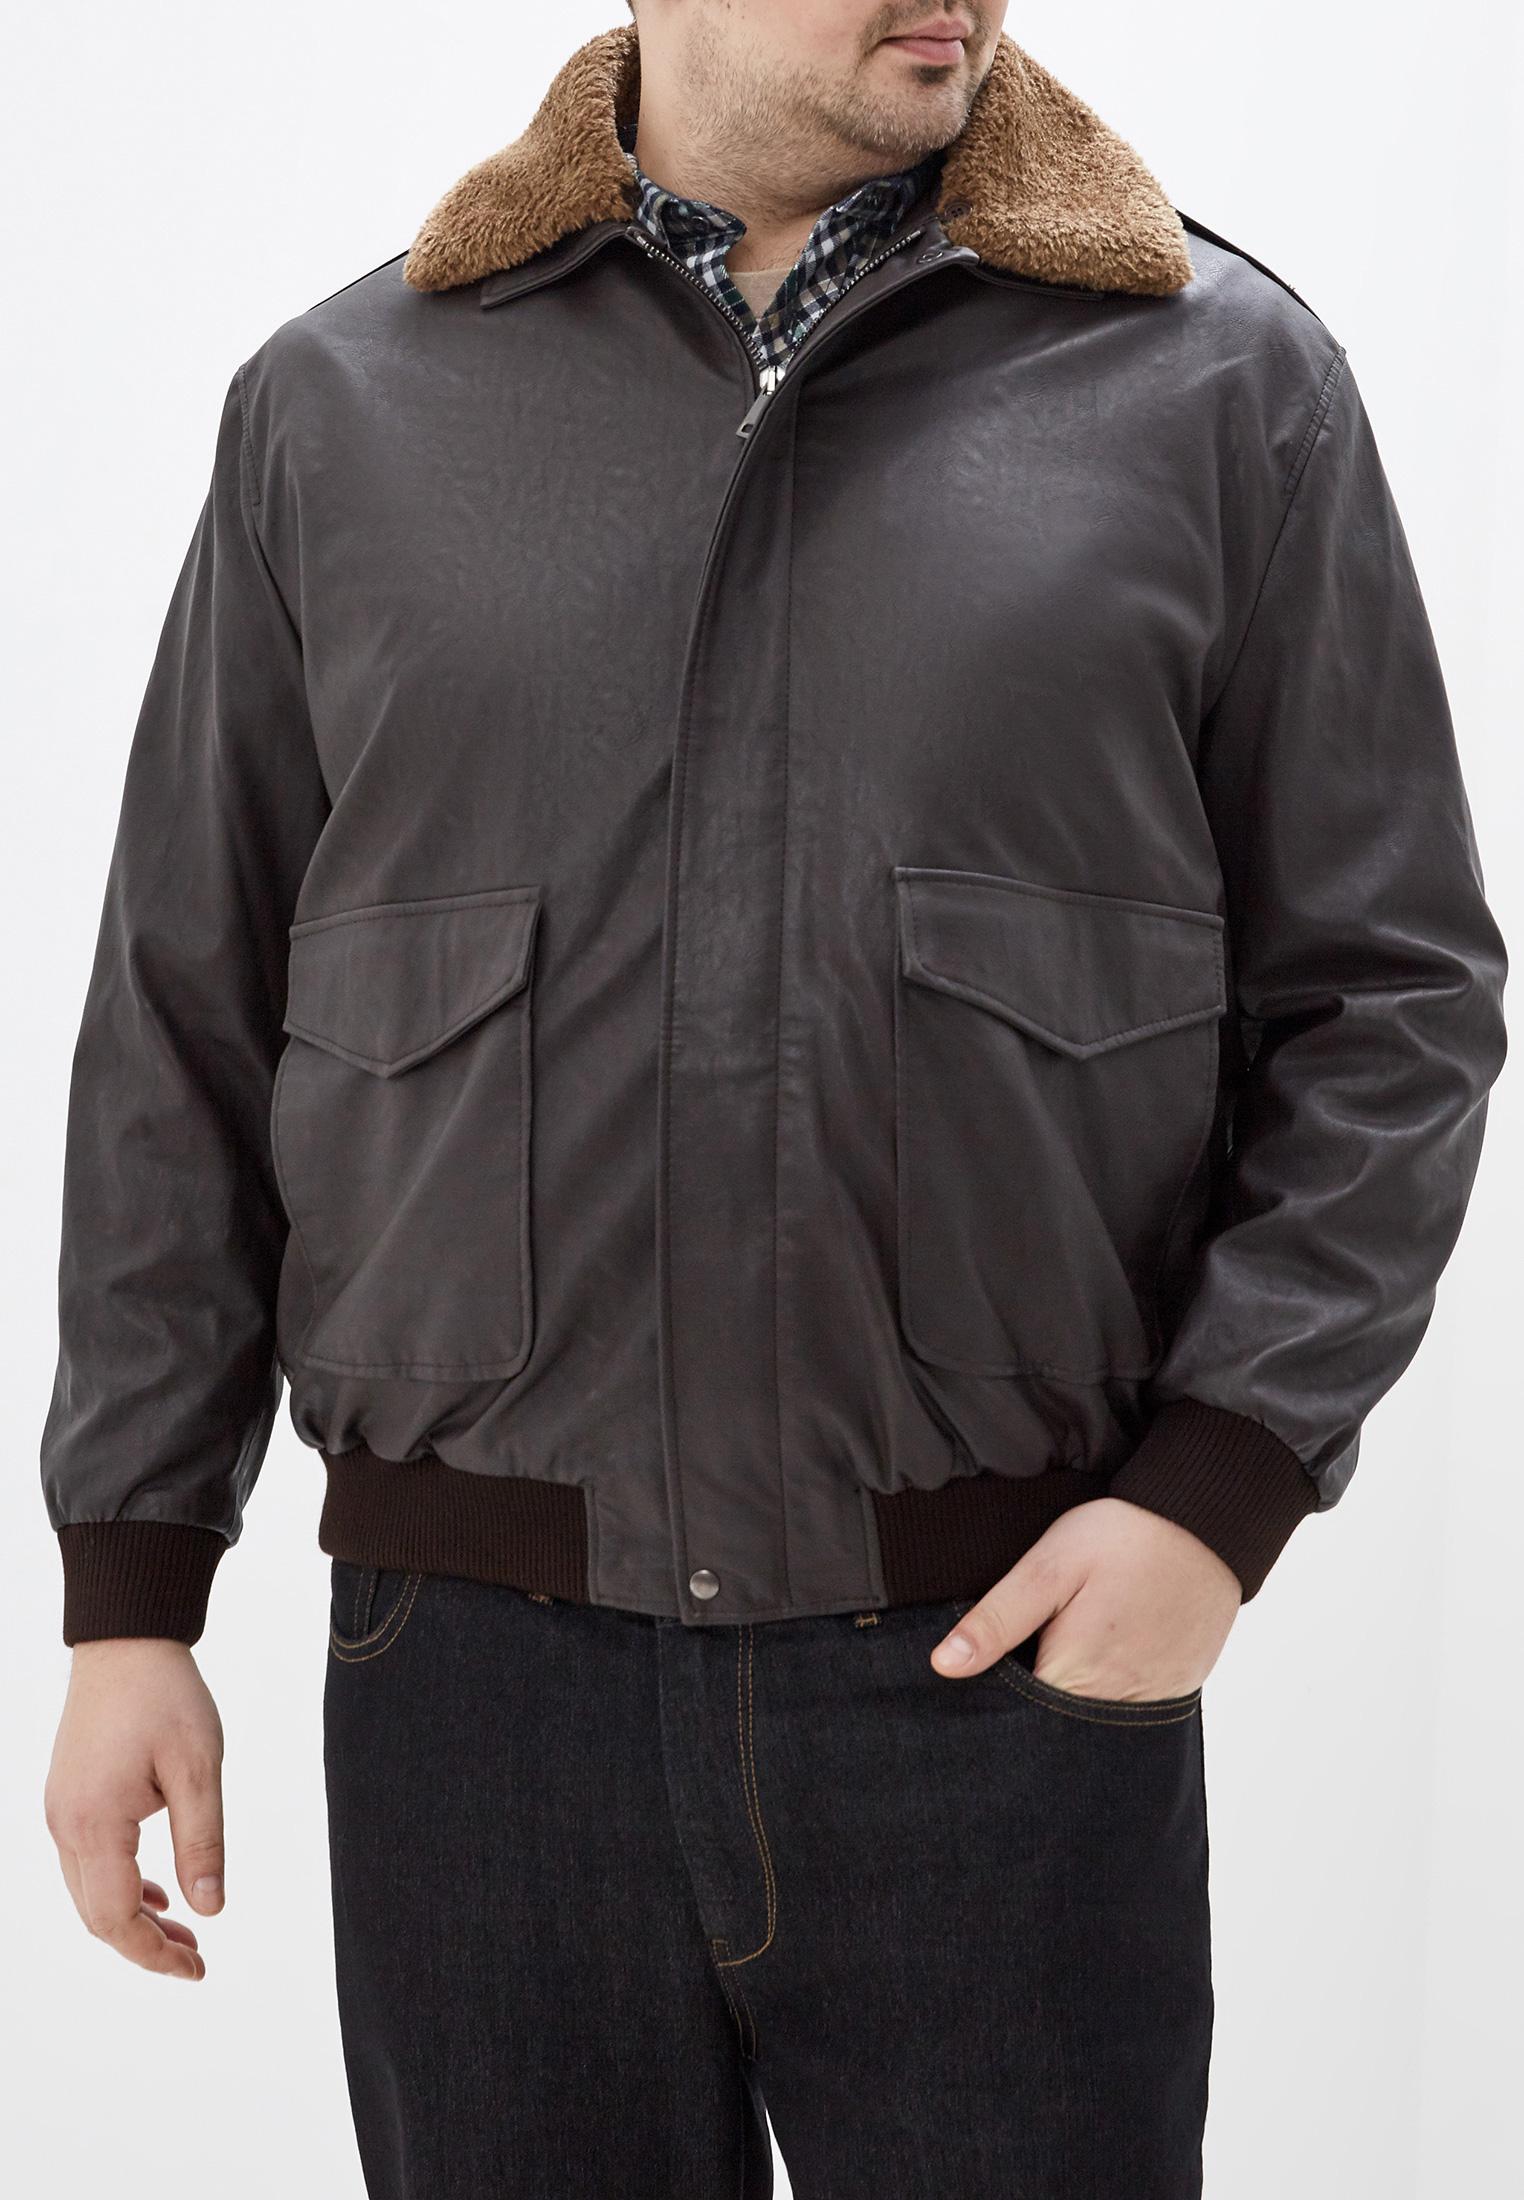 Куртка кожаная, Maxfort, цвет: черный. Артикул: MA201EMGOII4. Одежда / Верхняя одежда / Кожаные куртки